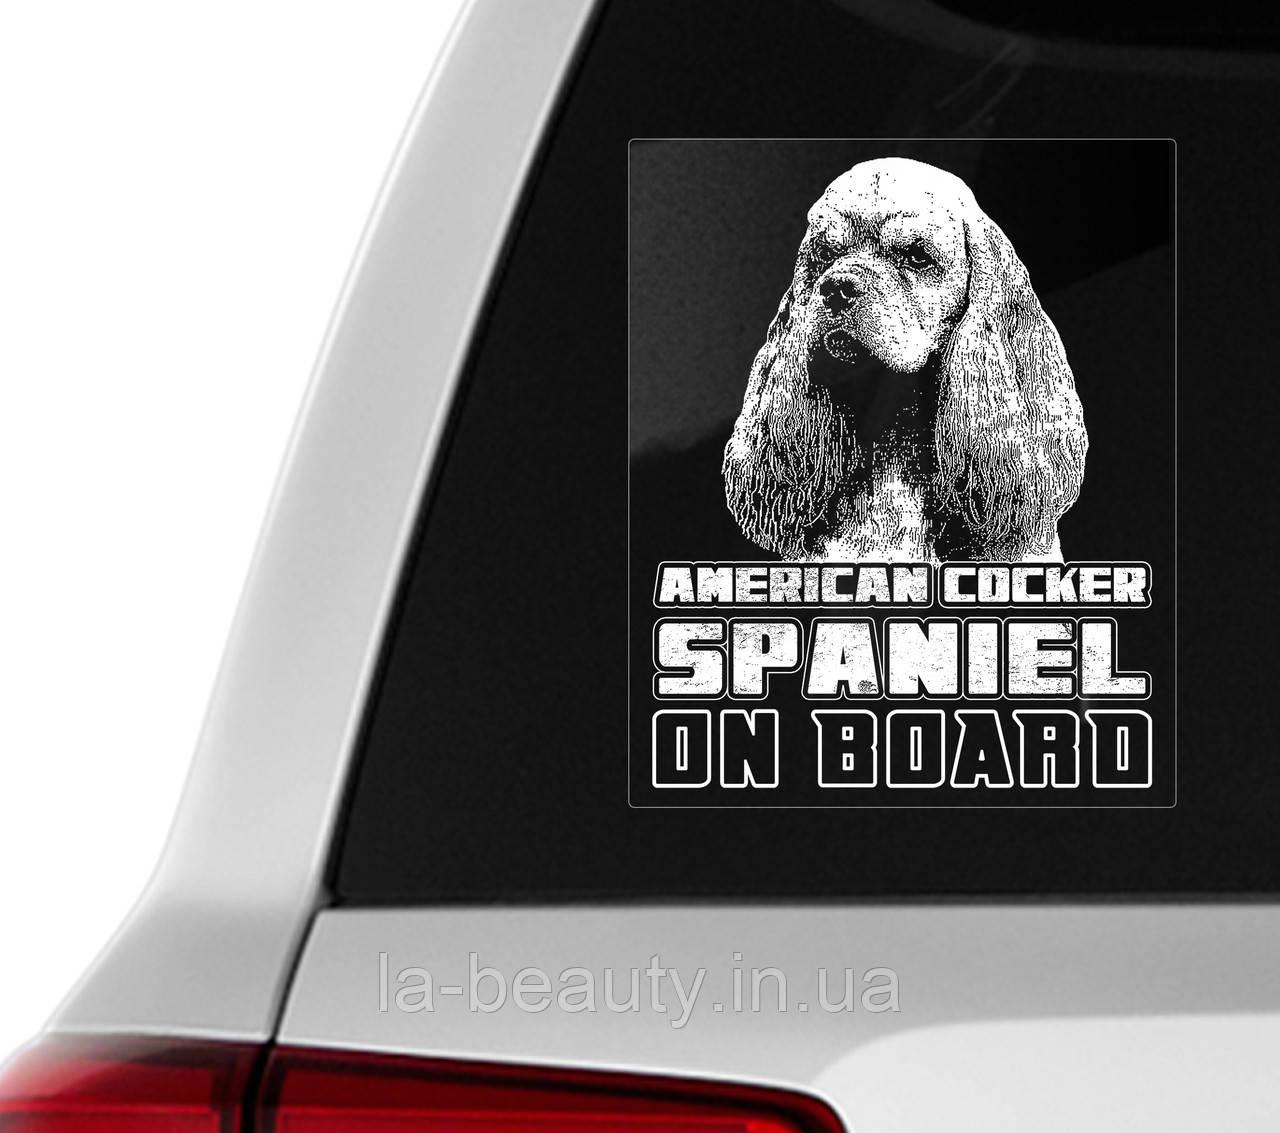 Автомобильная наклейка на стекло Американский кокер спаниель на борту